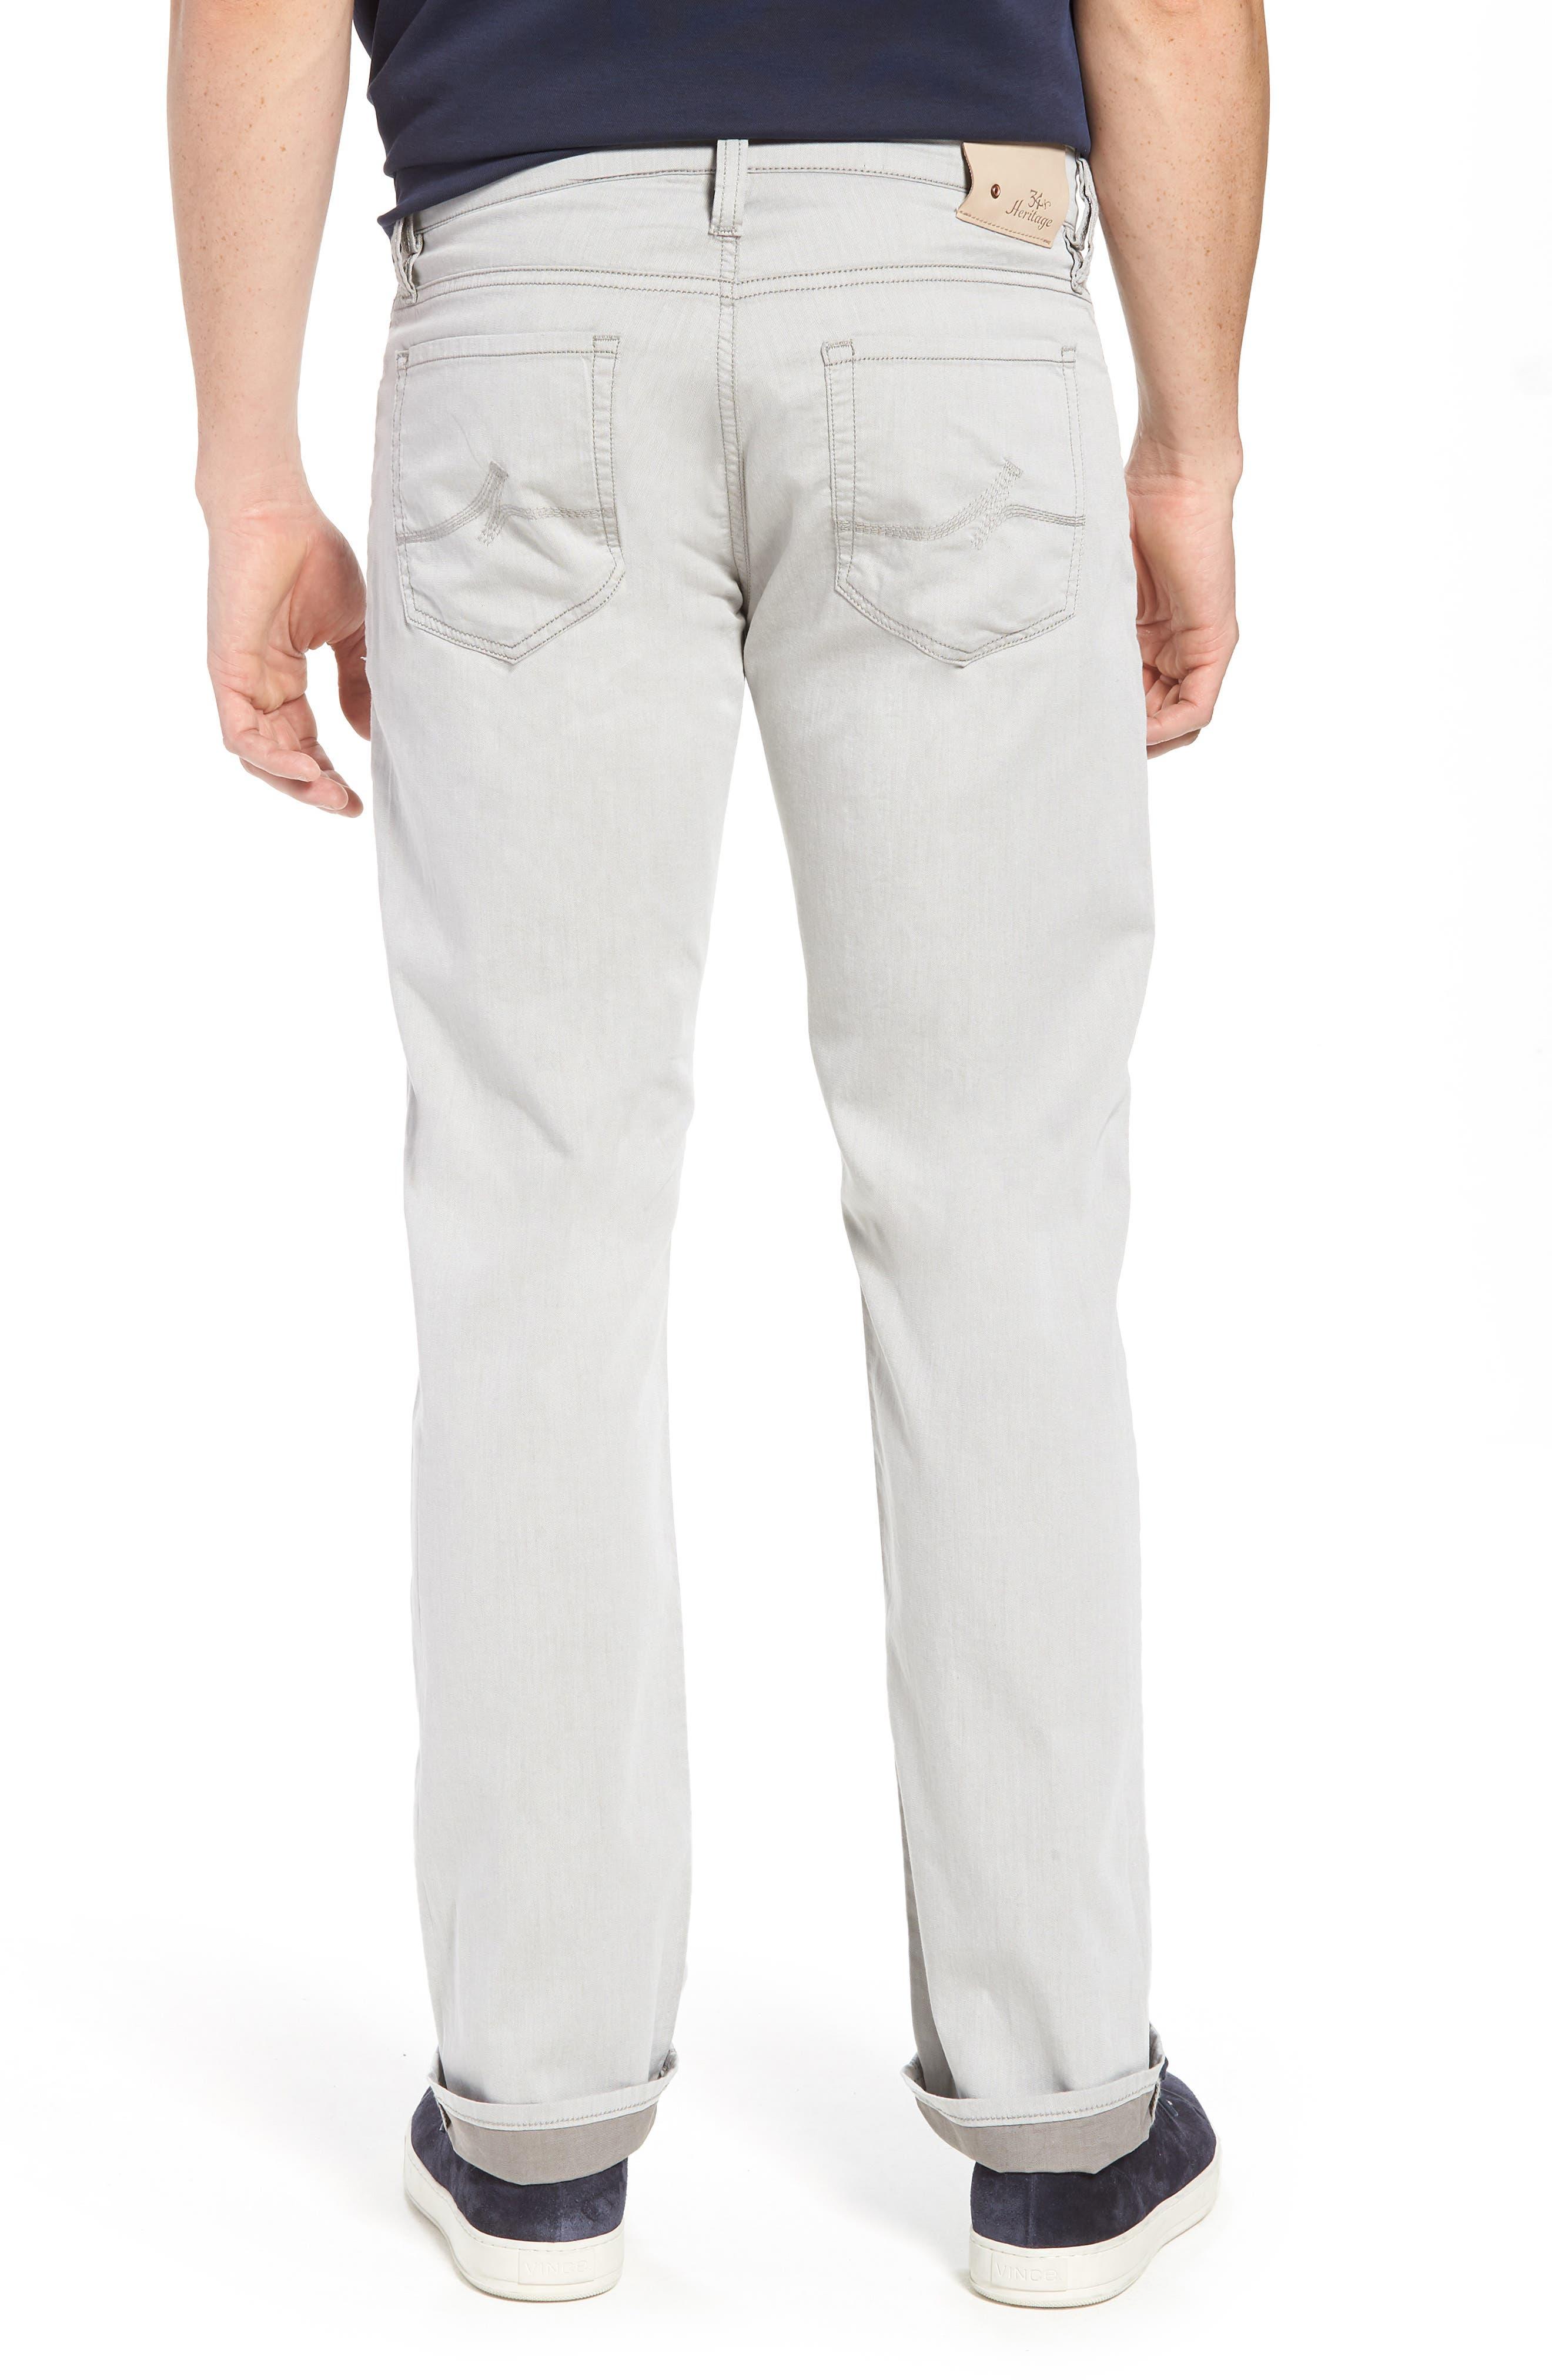 Courage Straight Leg Jeans,                             Alternate thumbnail 2, color,                             Latte Herringbone Reversed